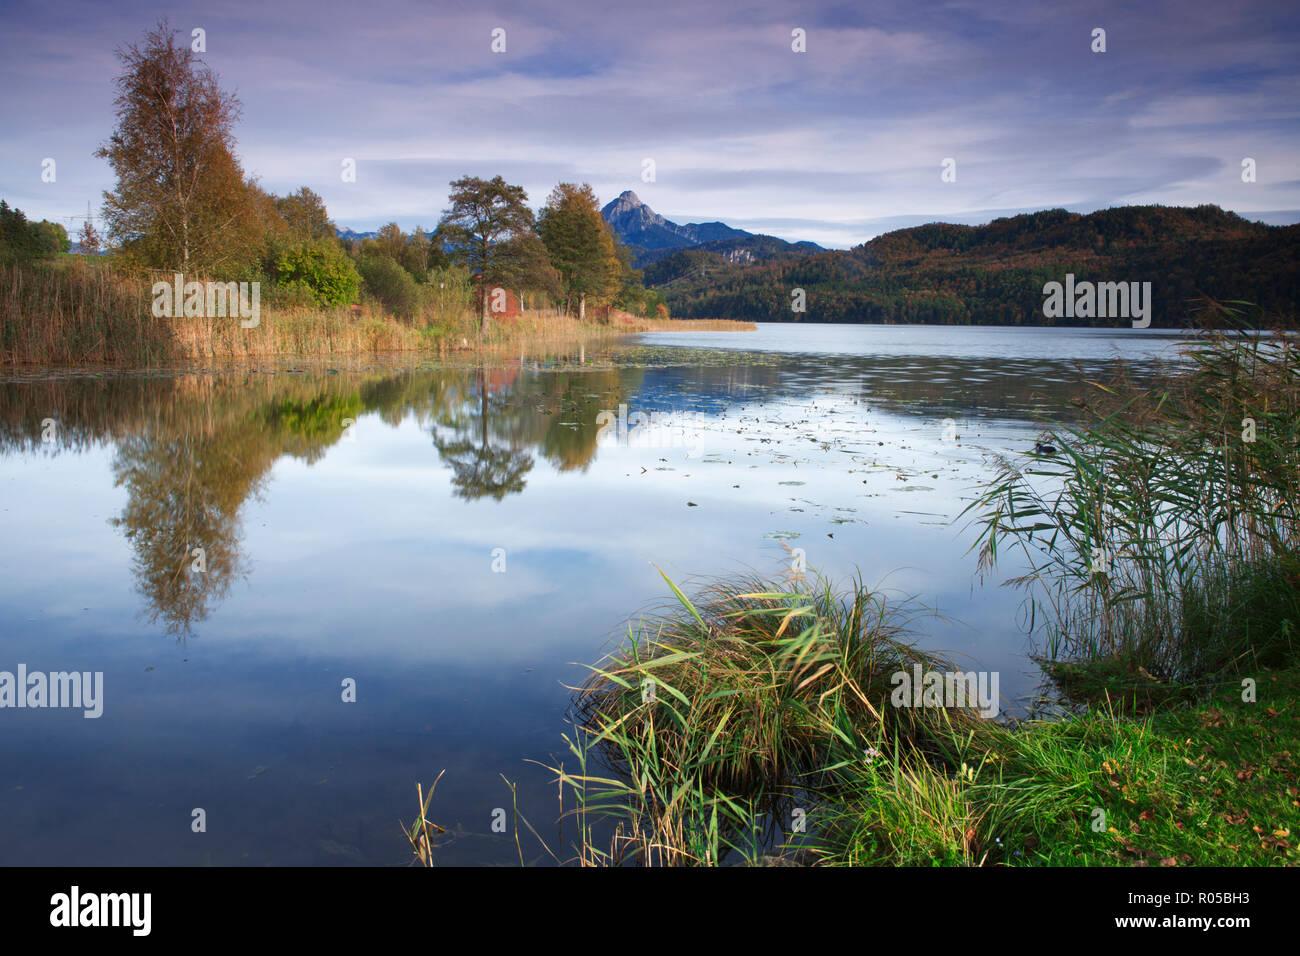 Langzeitbelichtung einer Landschaftsansicht des Weissensee in Bayern umrandet von herbstlichen Laubbäumen. Im Hintergrund ragt der Gipfel des Säulings Stock Photo